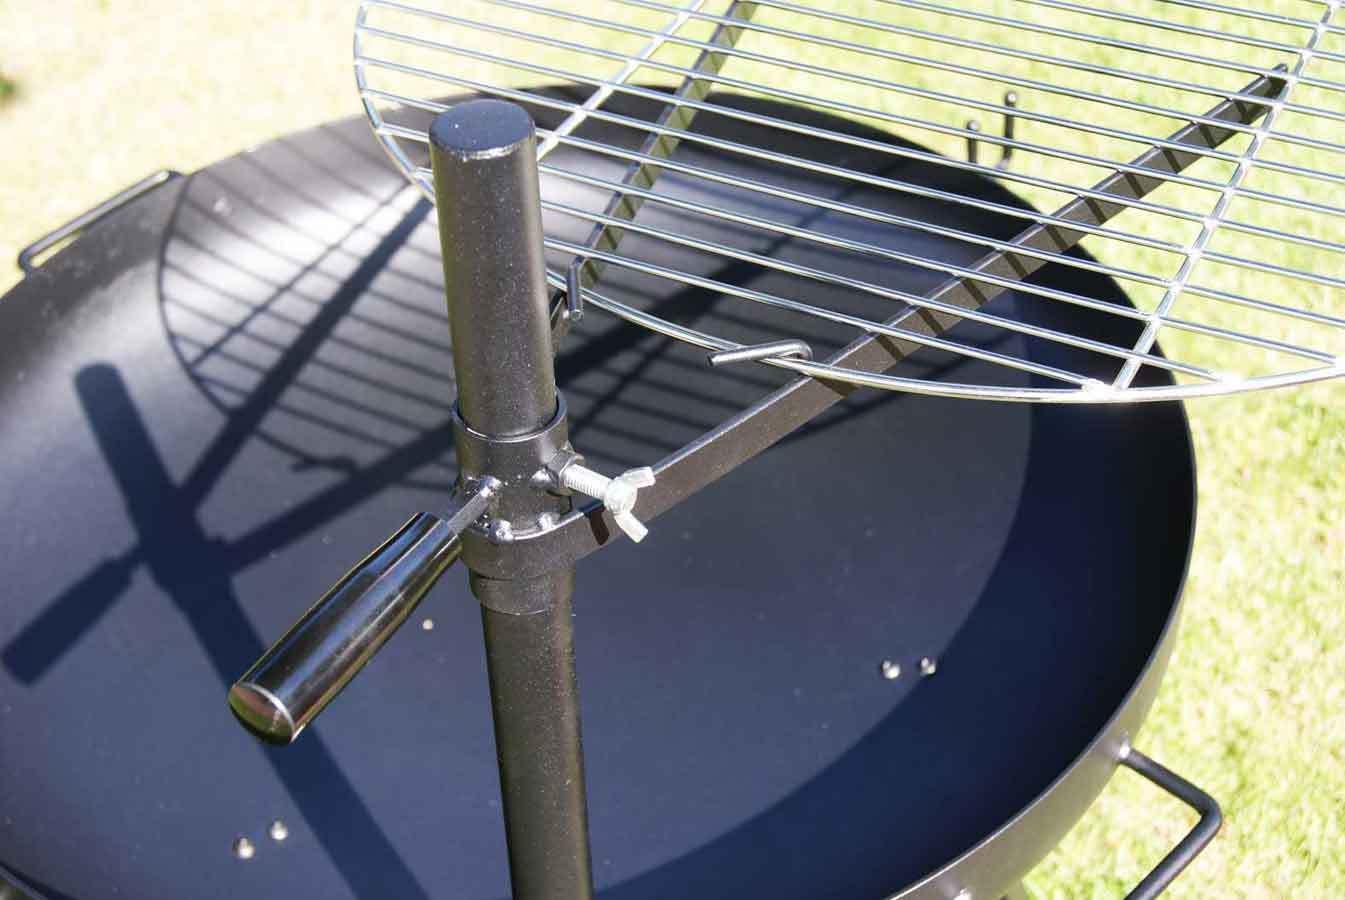 B-Ware massive 70cm Feuerschale mit Edelstahl Schwenkgrill 60cm Grill Grillrost